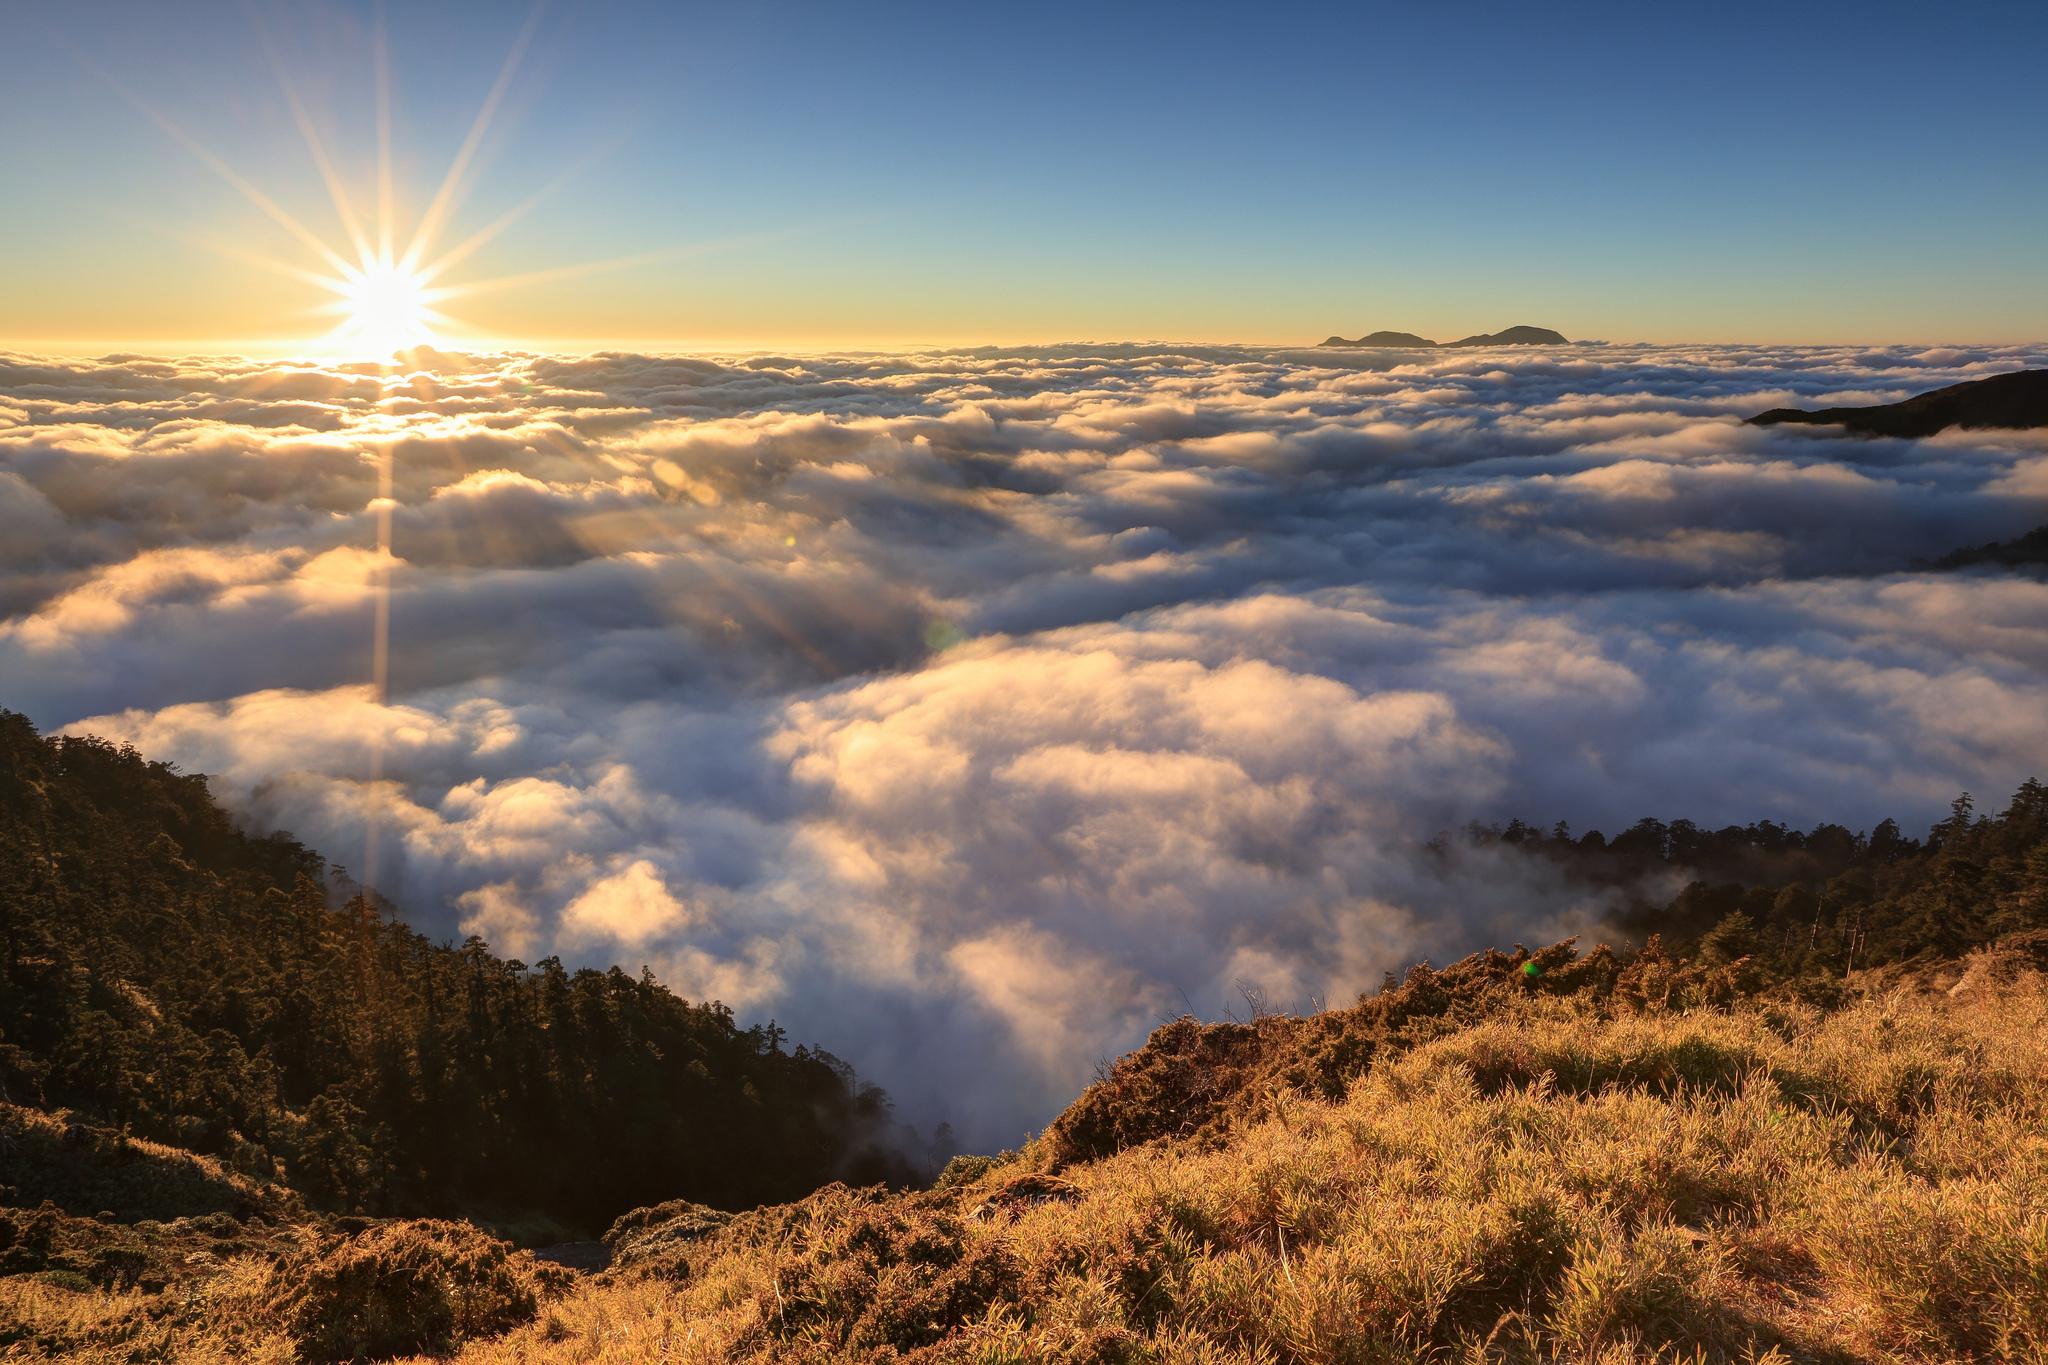 Картинка: Солнце, закат, облака, горизонт, горы, пейзаж